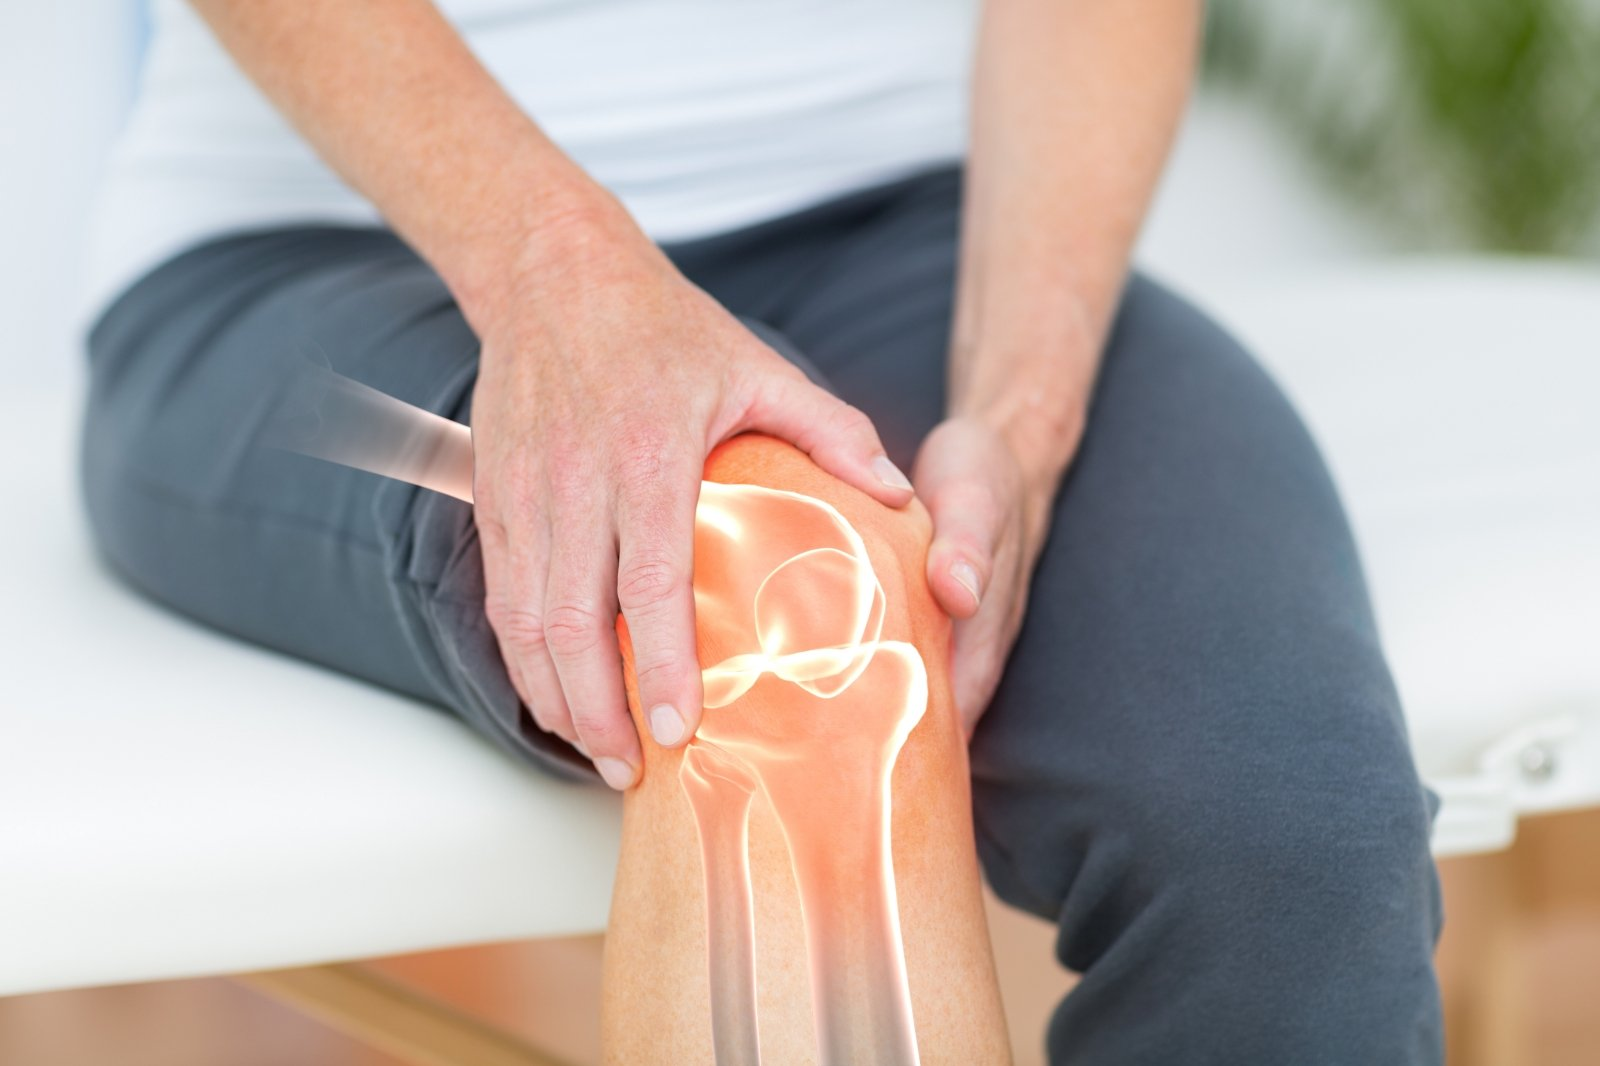 visi sąnariai ir kulnai gerklės raumenys skauda sąnarius